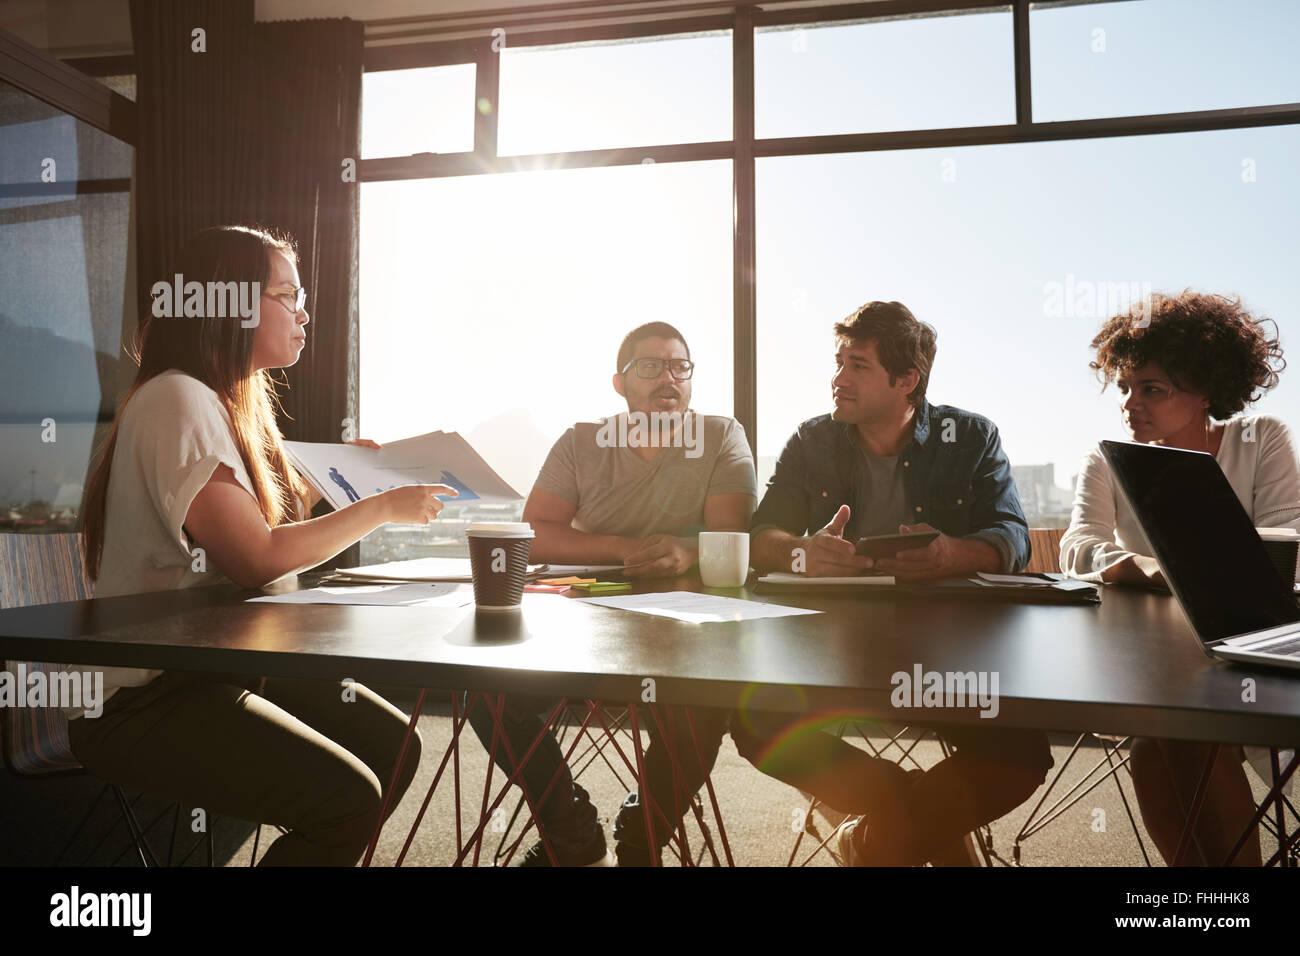 Junge Geschäftsfrau Beratung neue Business-Pläne mit ihren Kollegen. Kreative Menschen diskutieren, Dokumente Stockbild